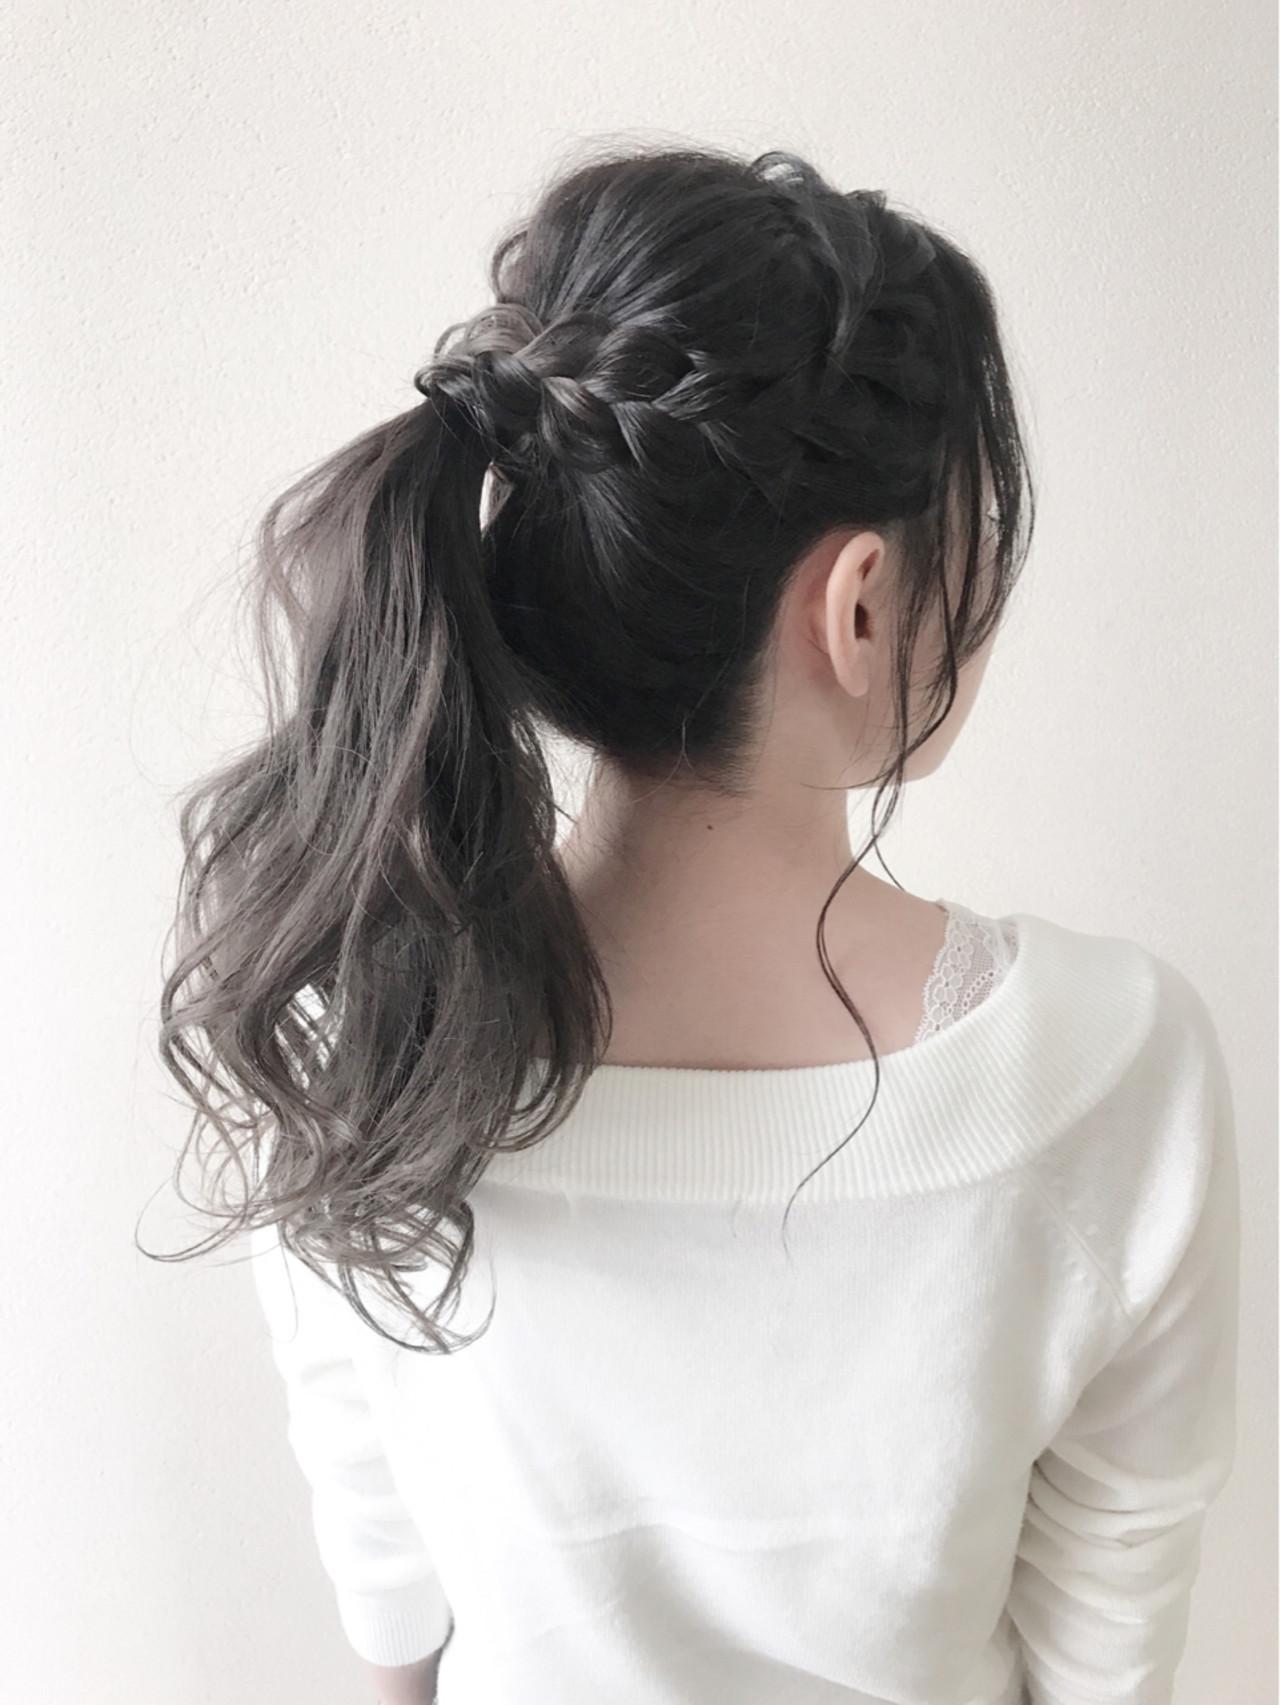 お嬢様風♡三つ編み込みポニーテール 沢田 瞳 | owlhair